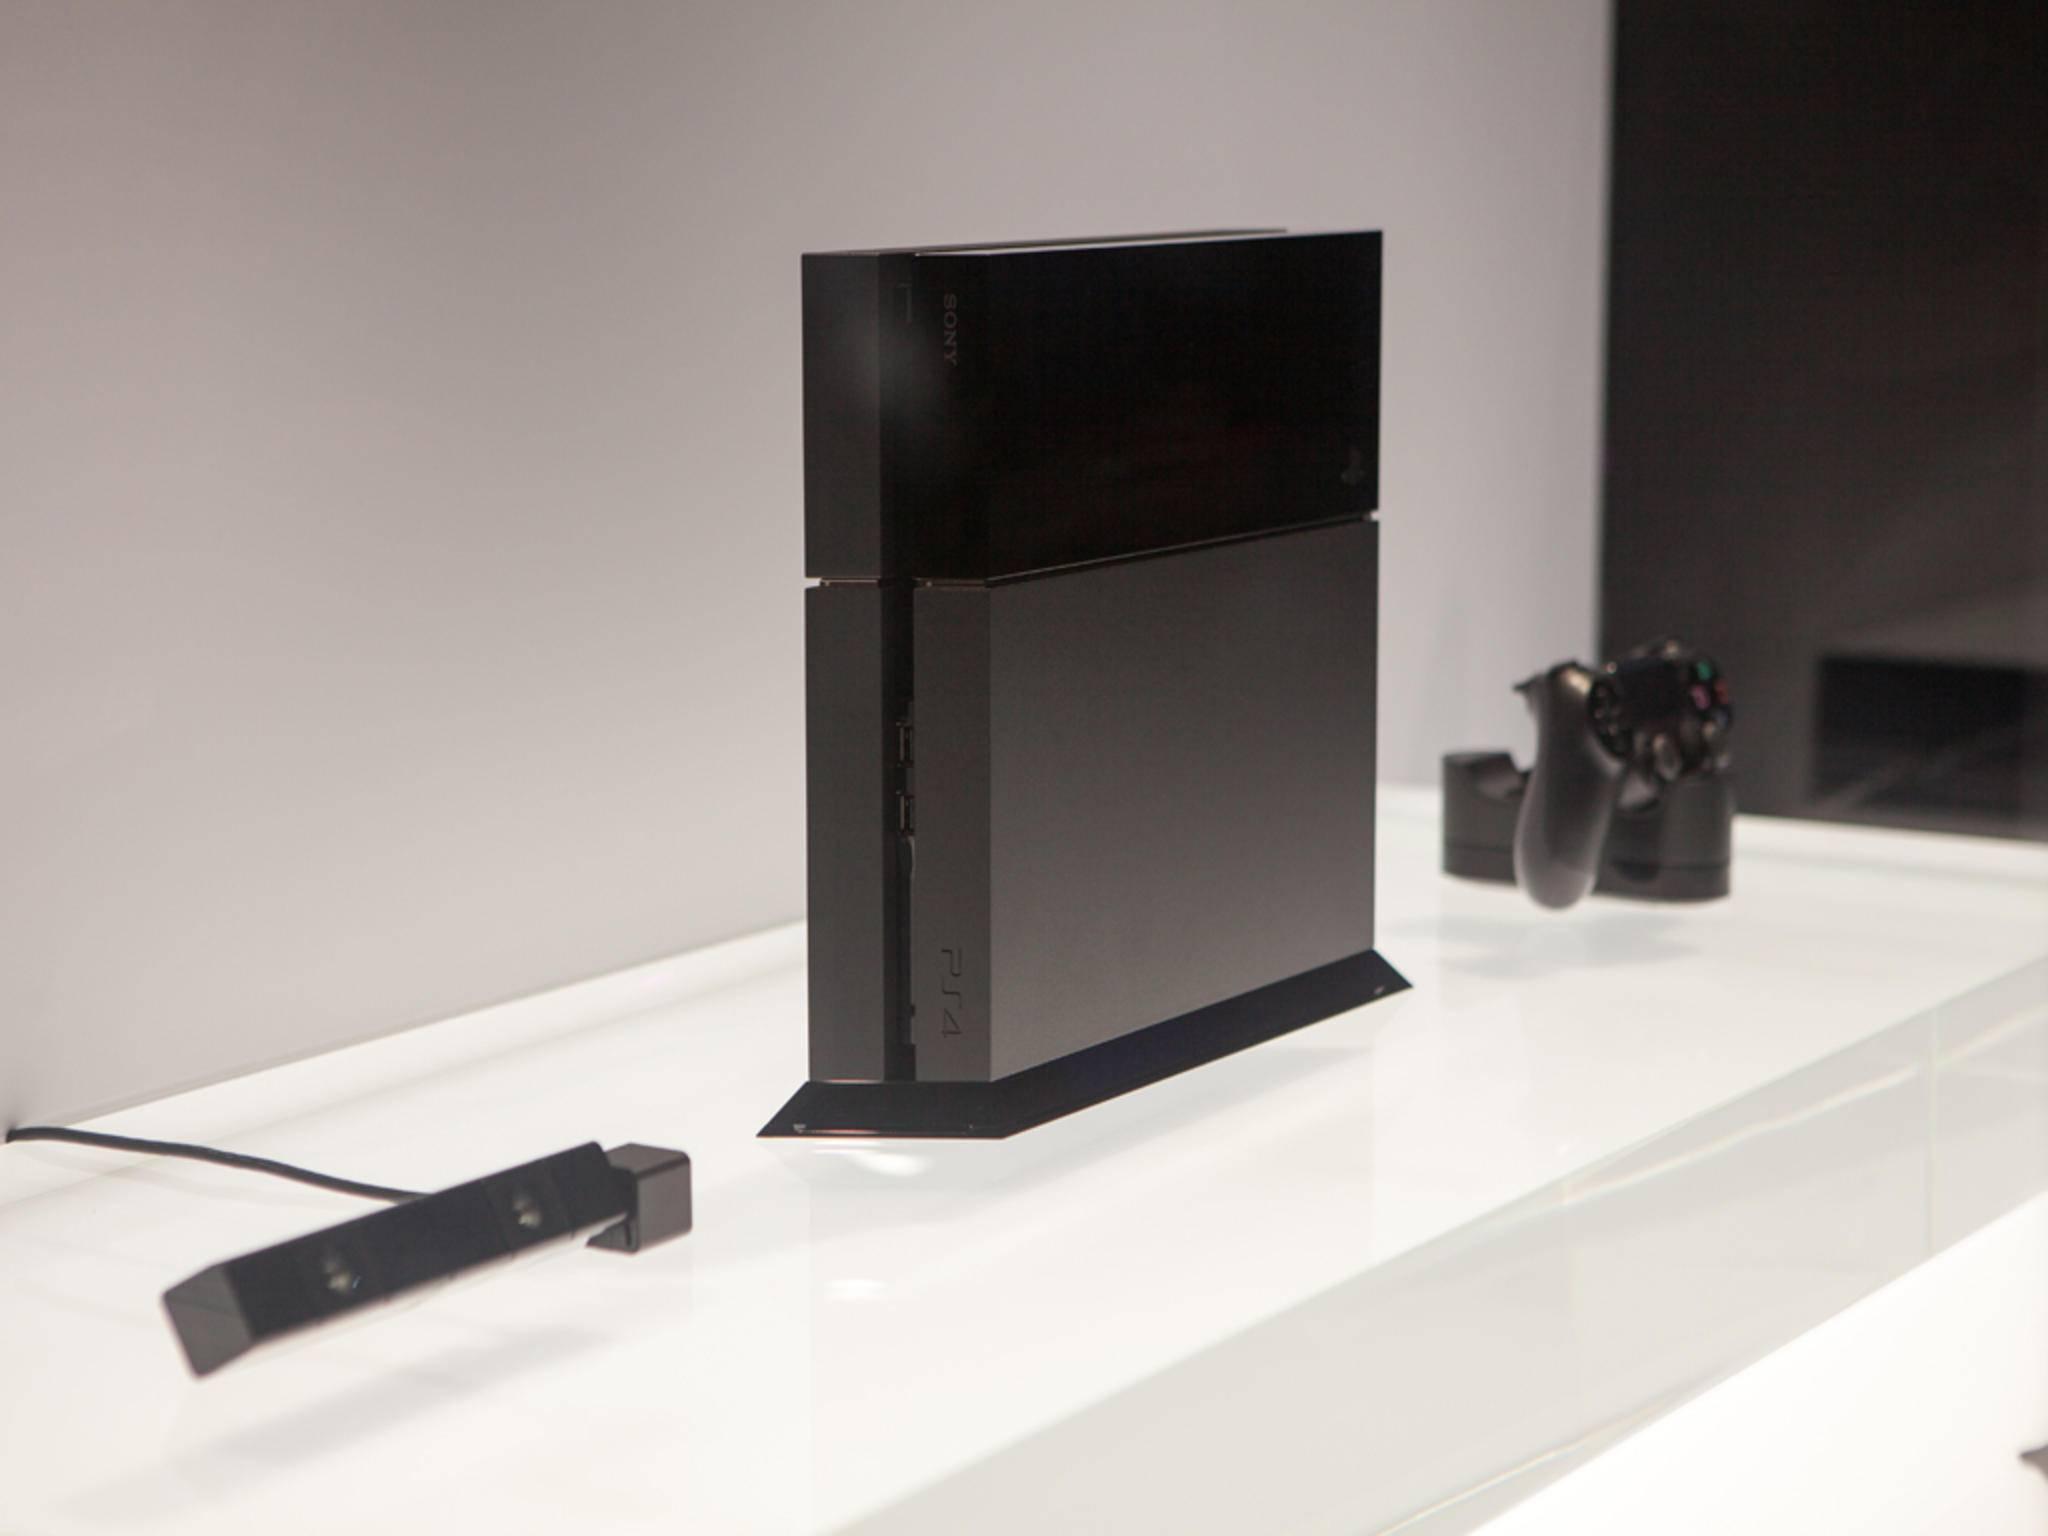 Die PlayStation 4 soll noch 2016 eine stärkere GPU bekommen.